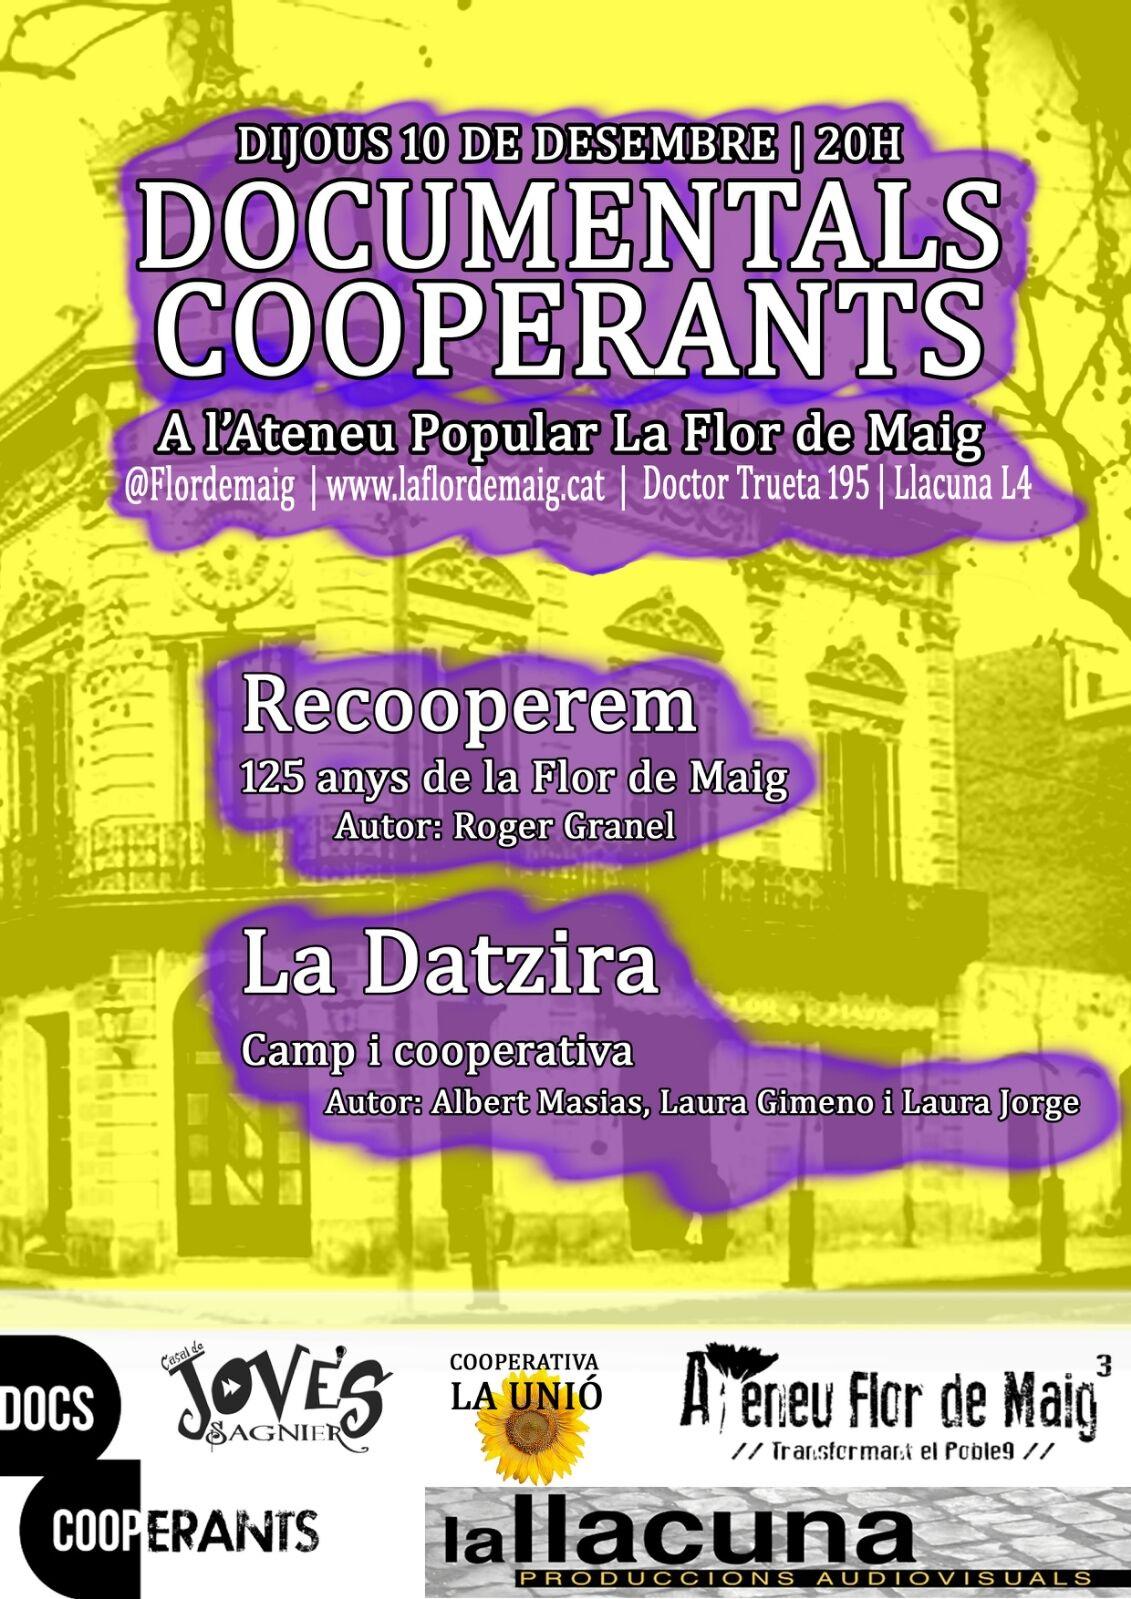 Dijous 10 de desembre estrenem documentals a la Flor